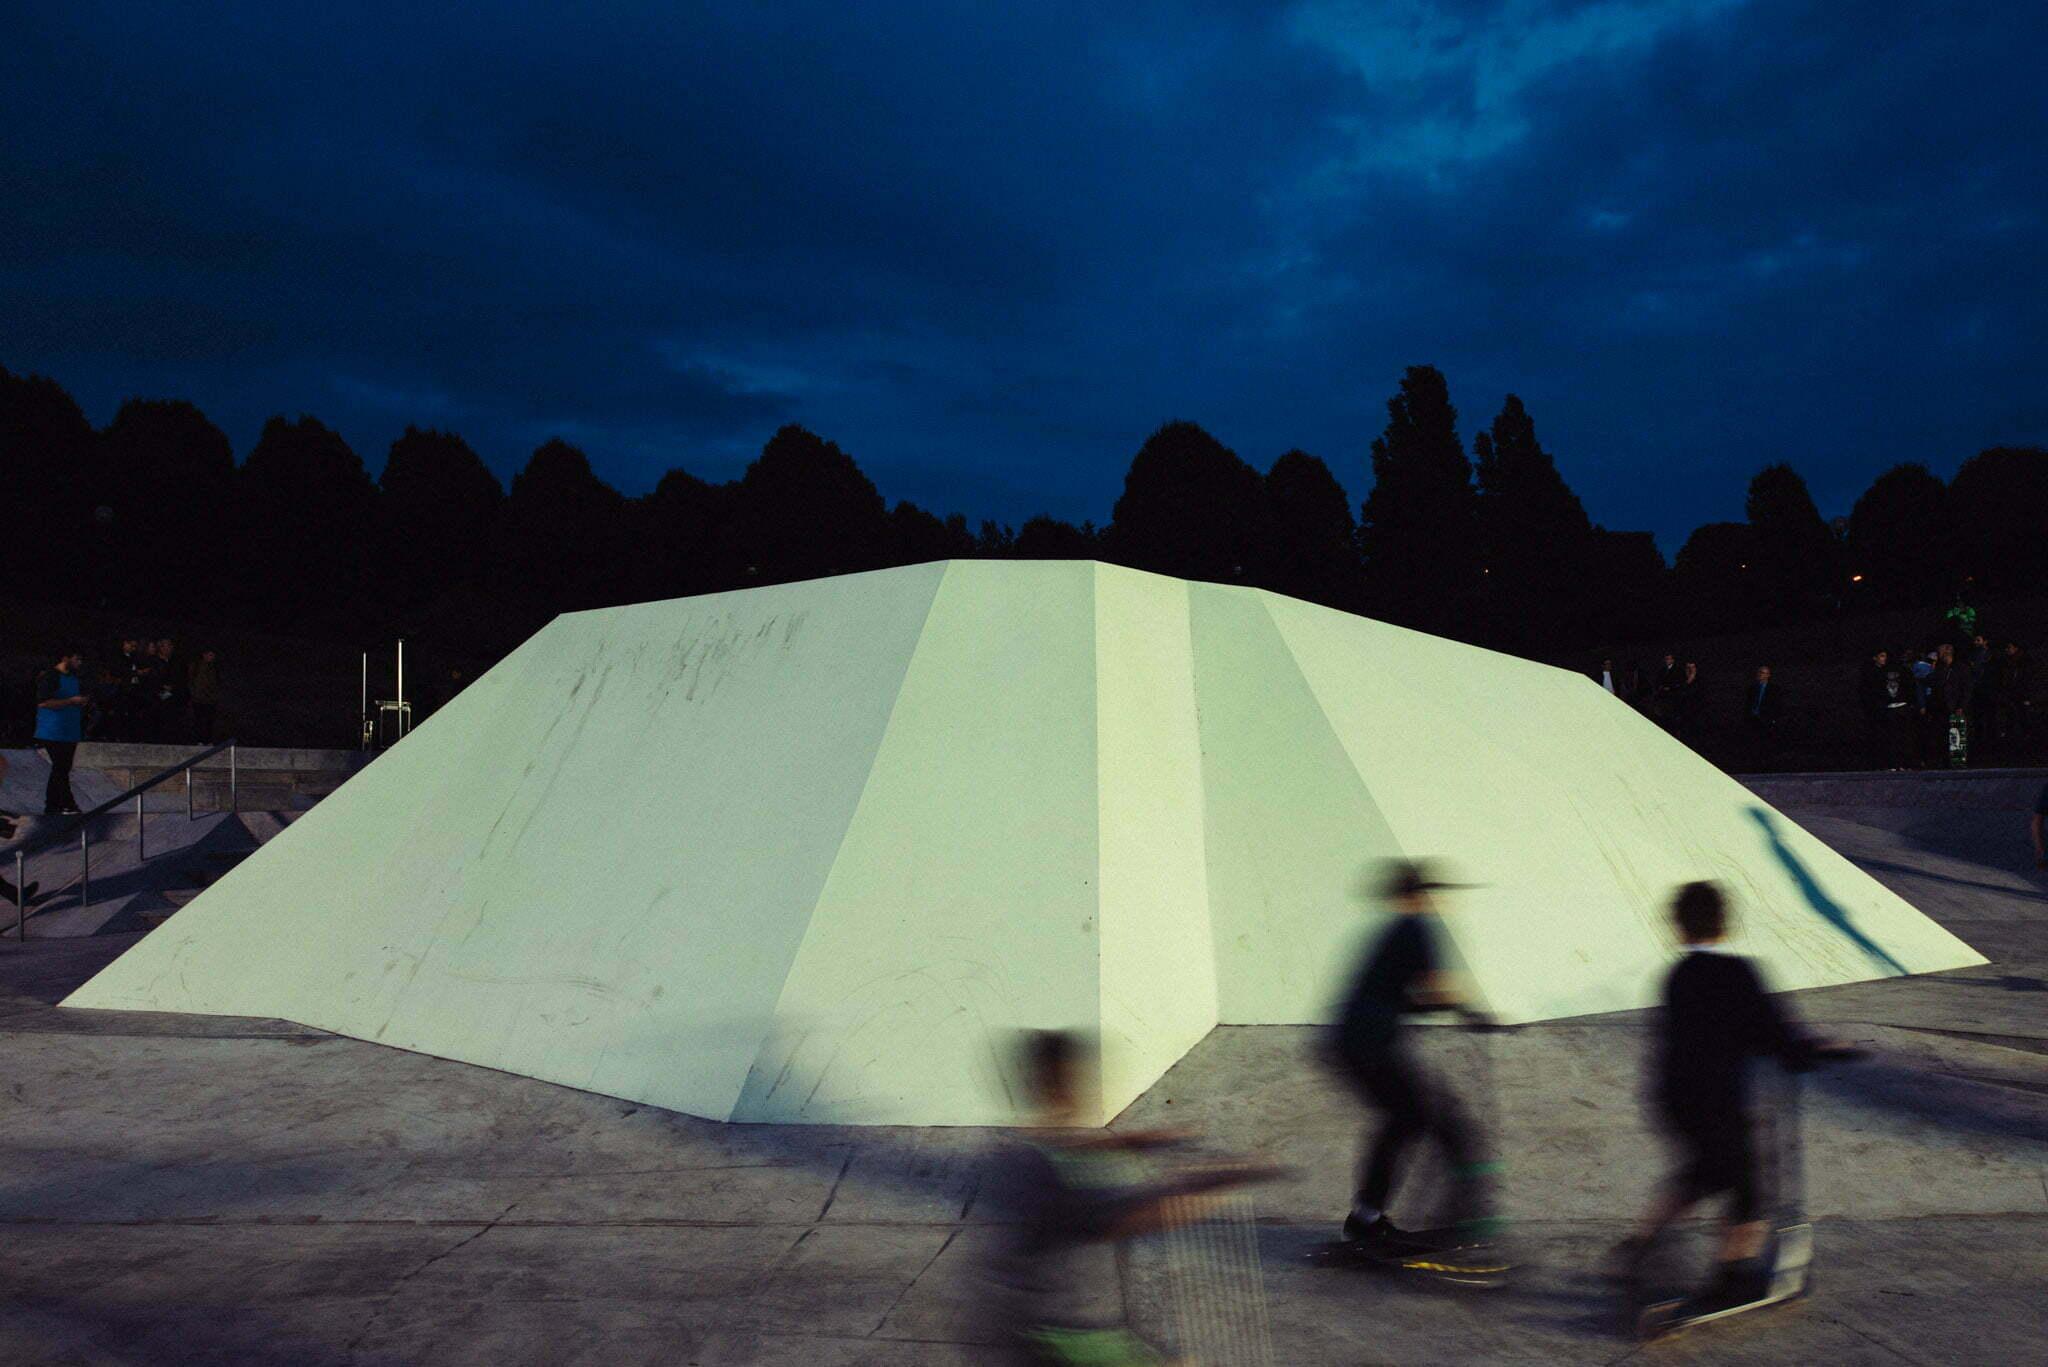 biennial-evertro-skatepark-6268-pete-carr